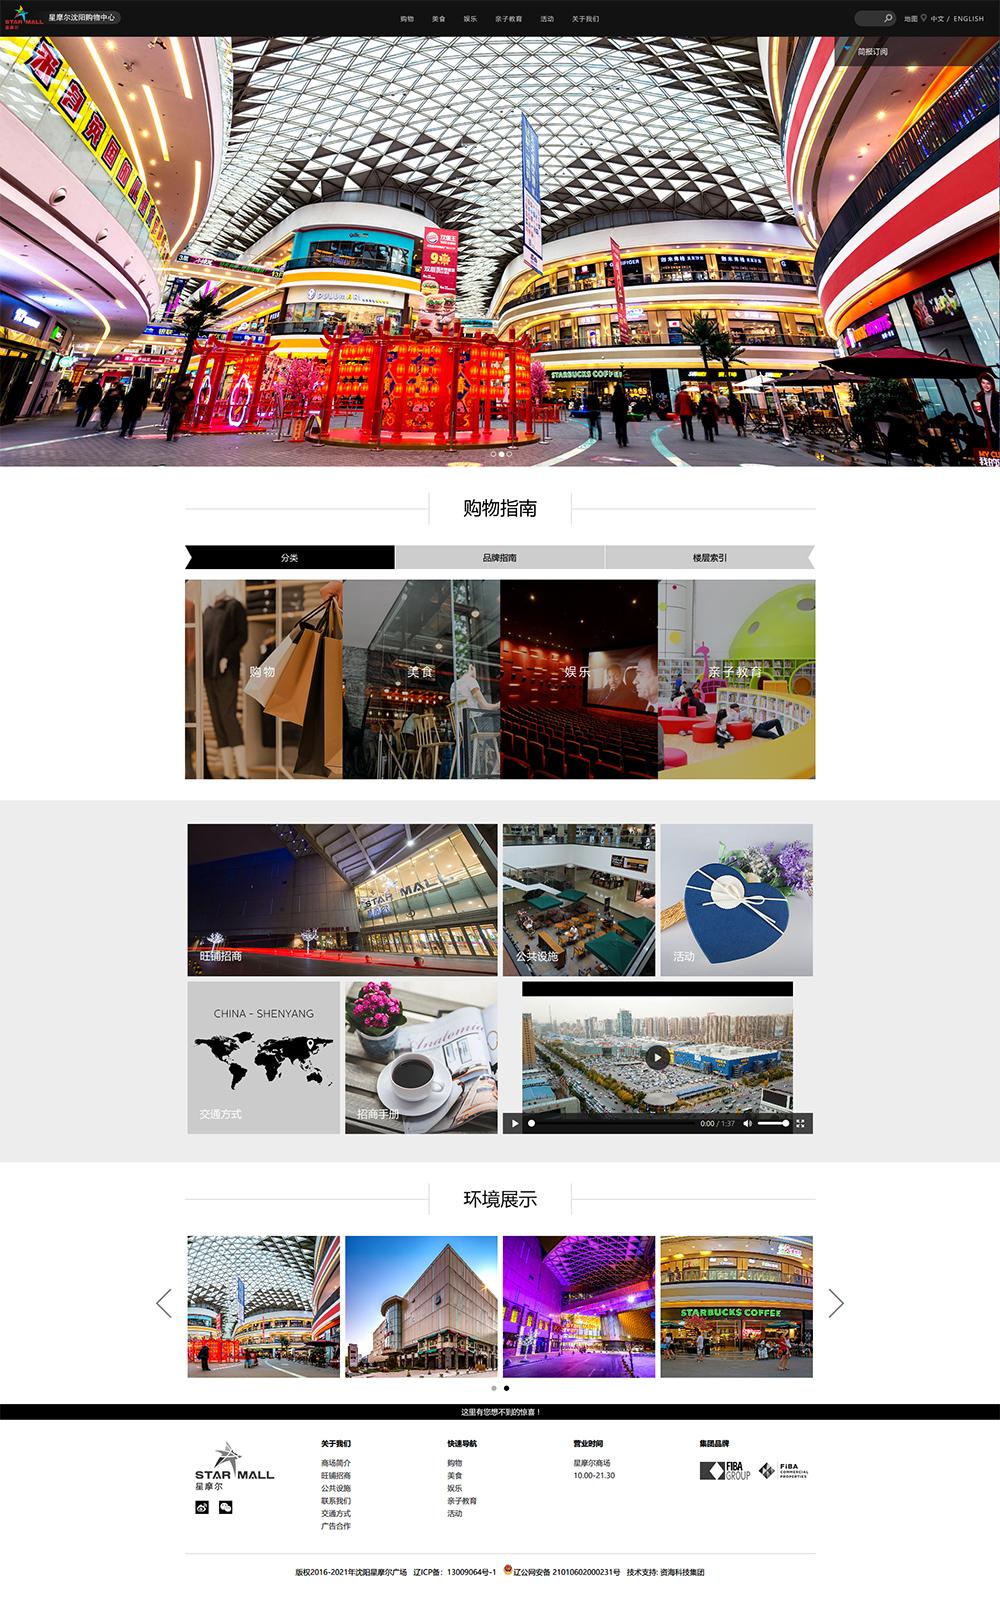 星摩尔(沈阳)购物中心